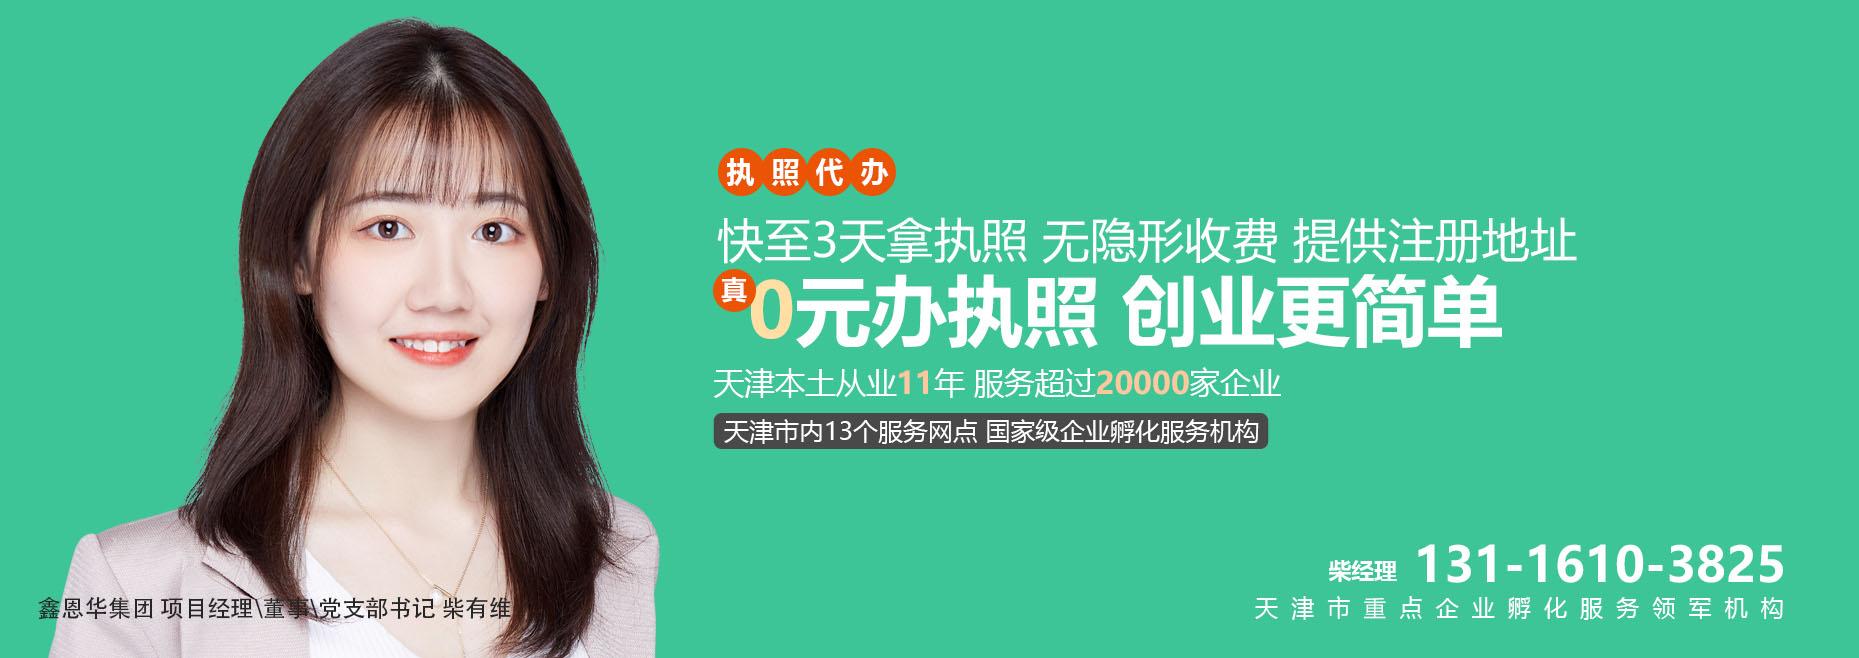 xinenhua banner